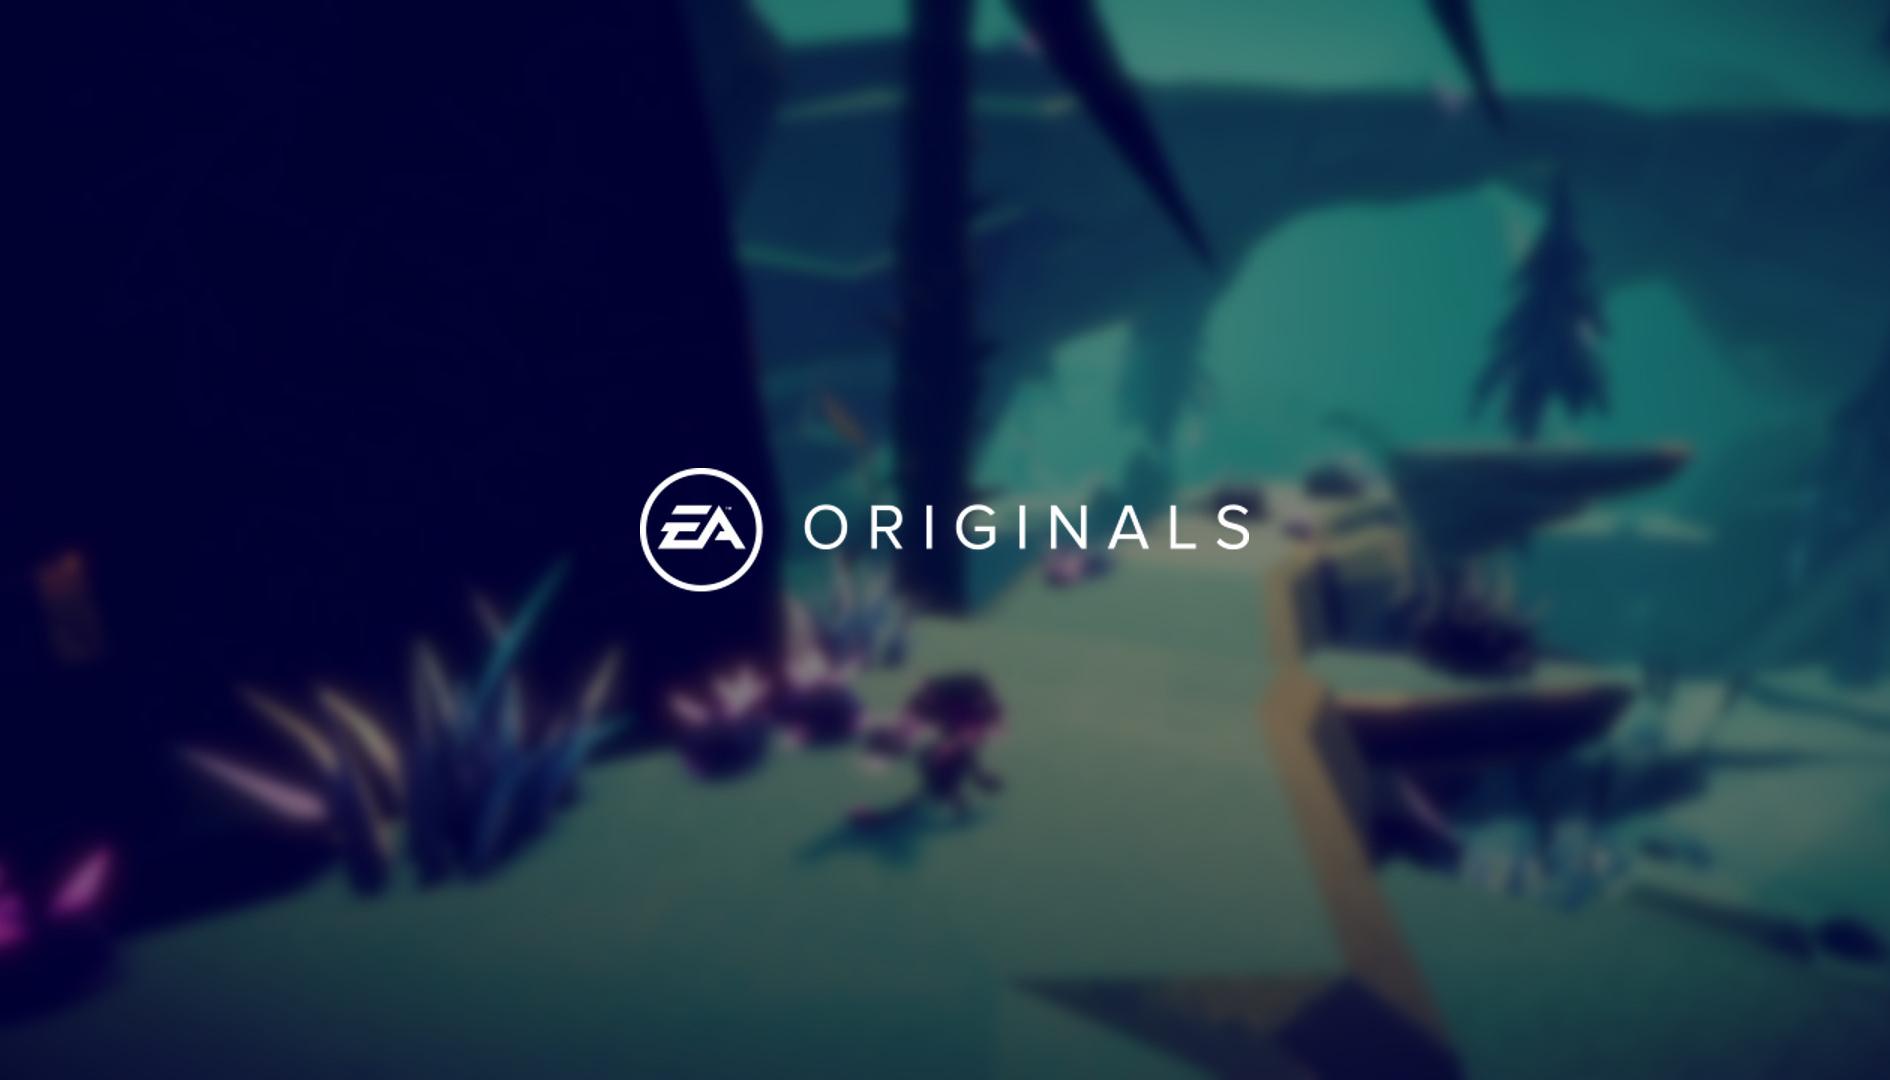 """EA Originals: gli """"indie"""" servono anche per migliorare l'immagine della società"""